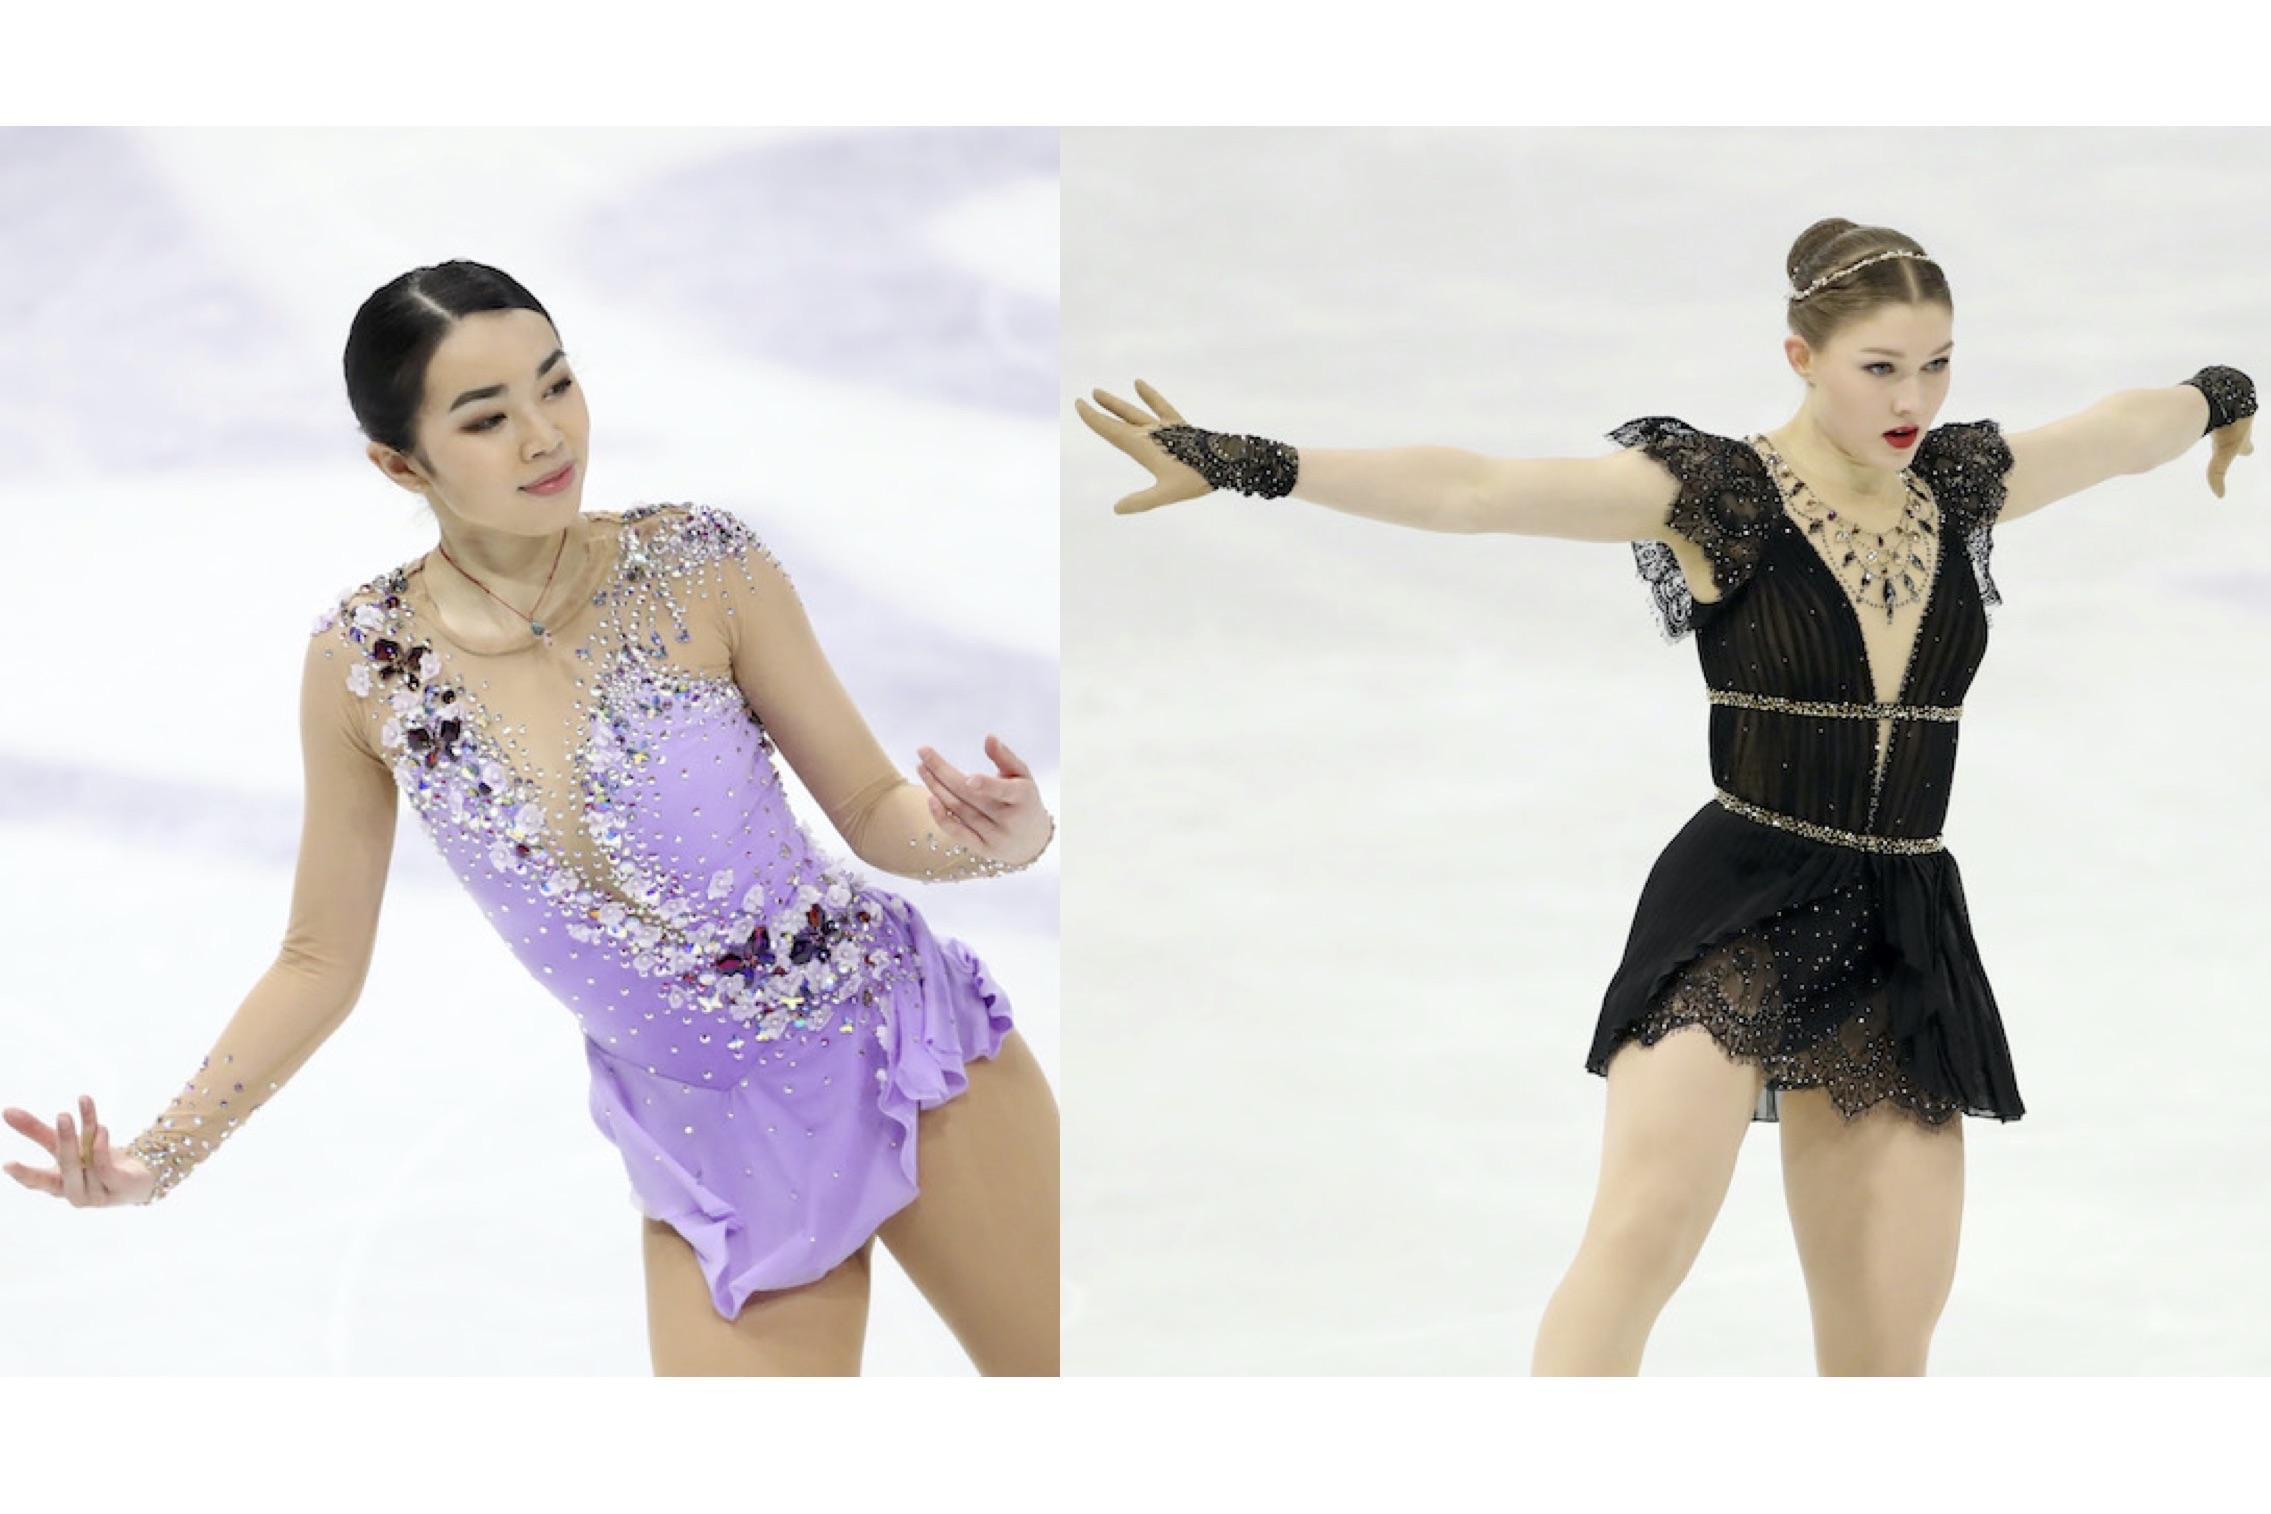 (左から)ゴージャスな装いのカレン・チェン選手、個性を見せたイェニー・サーリネン選手【写真:Getty Images】